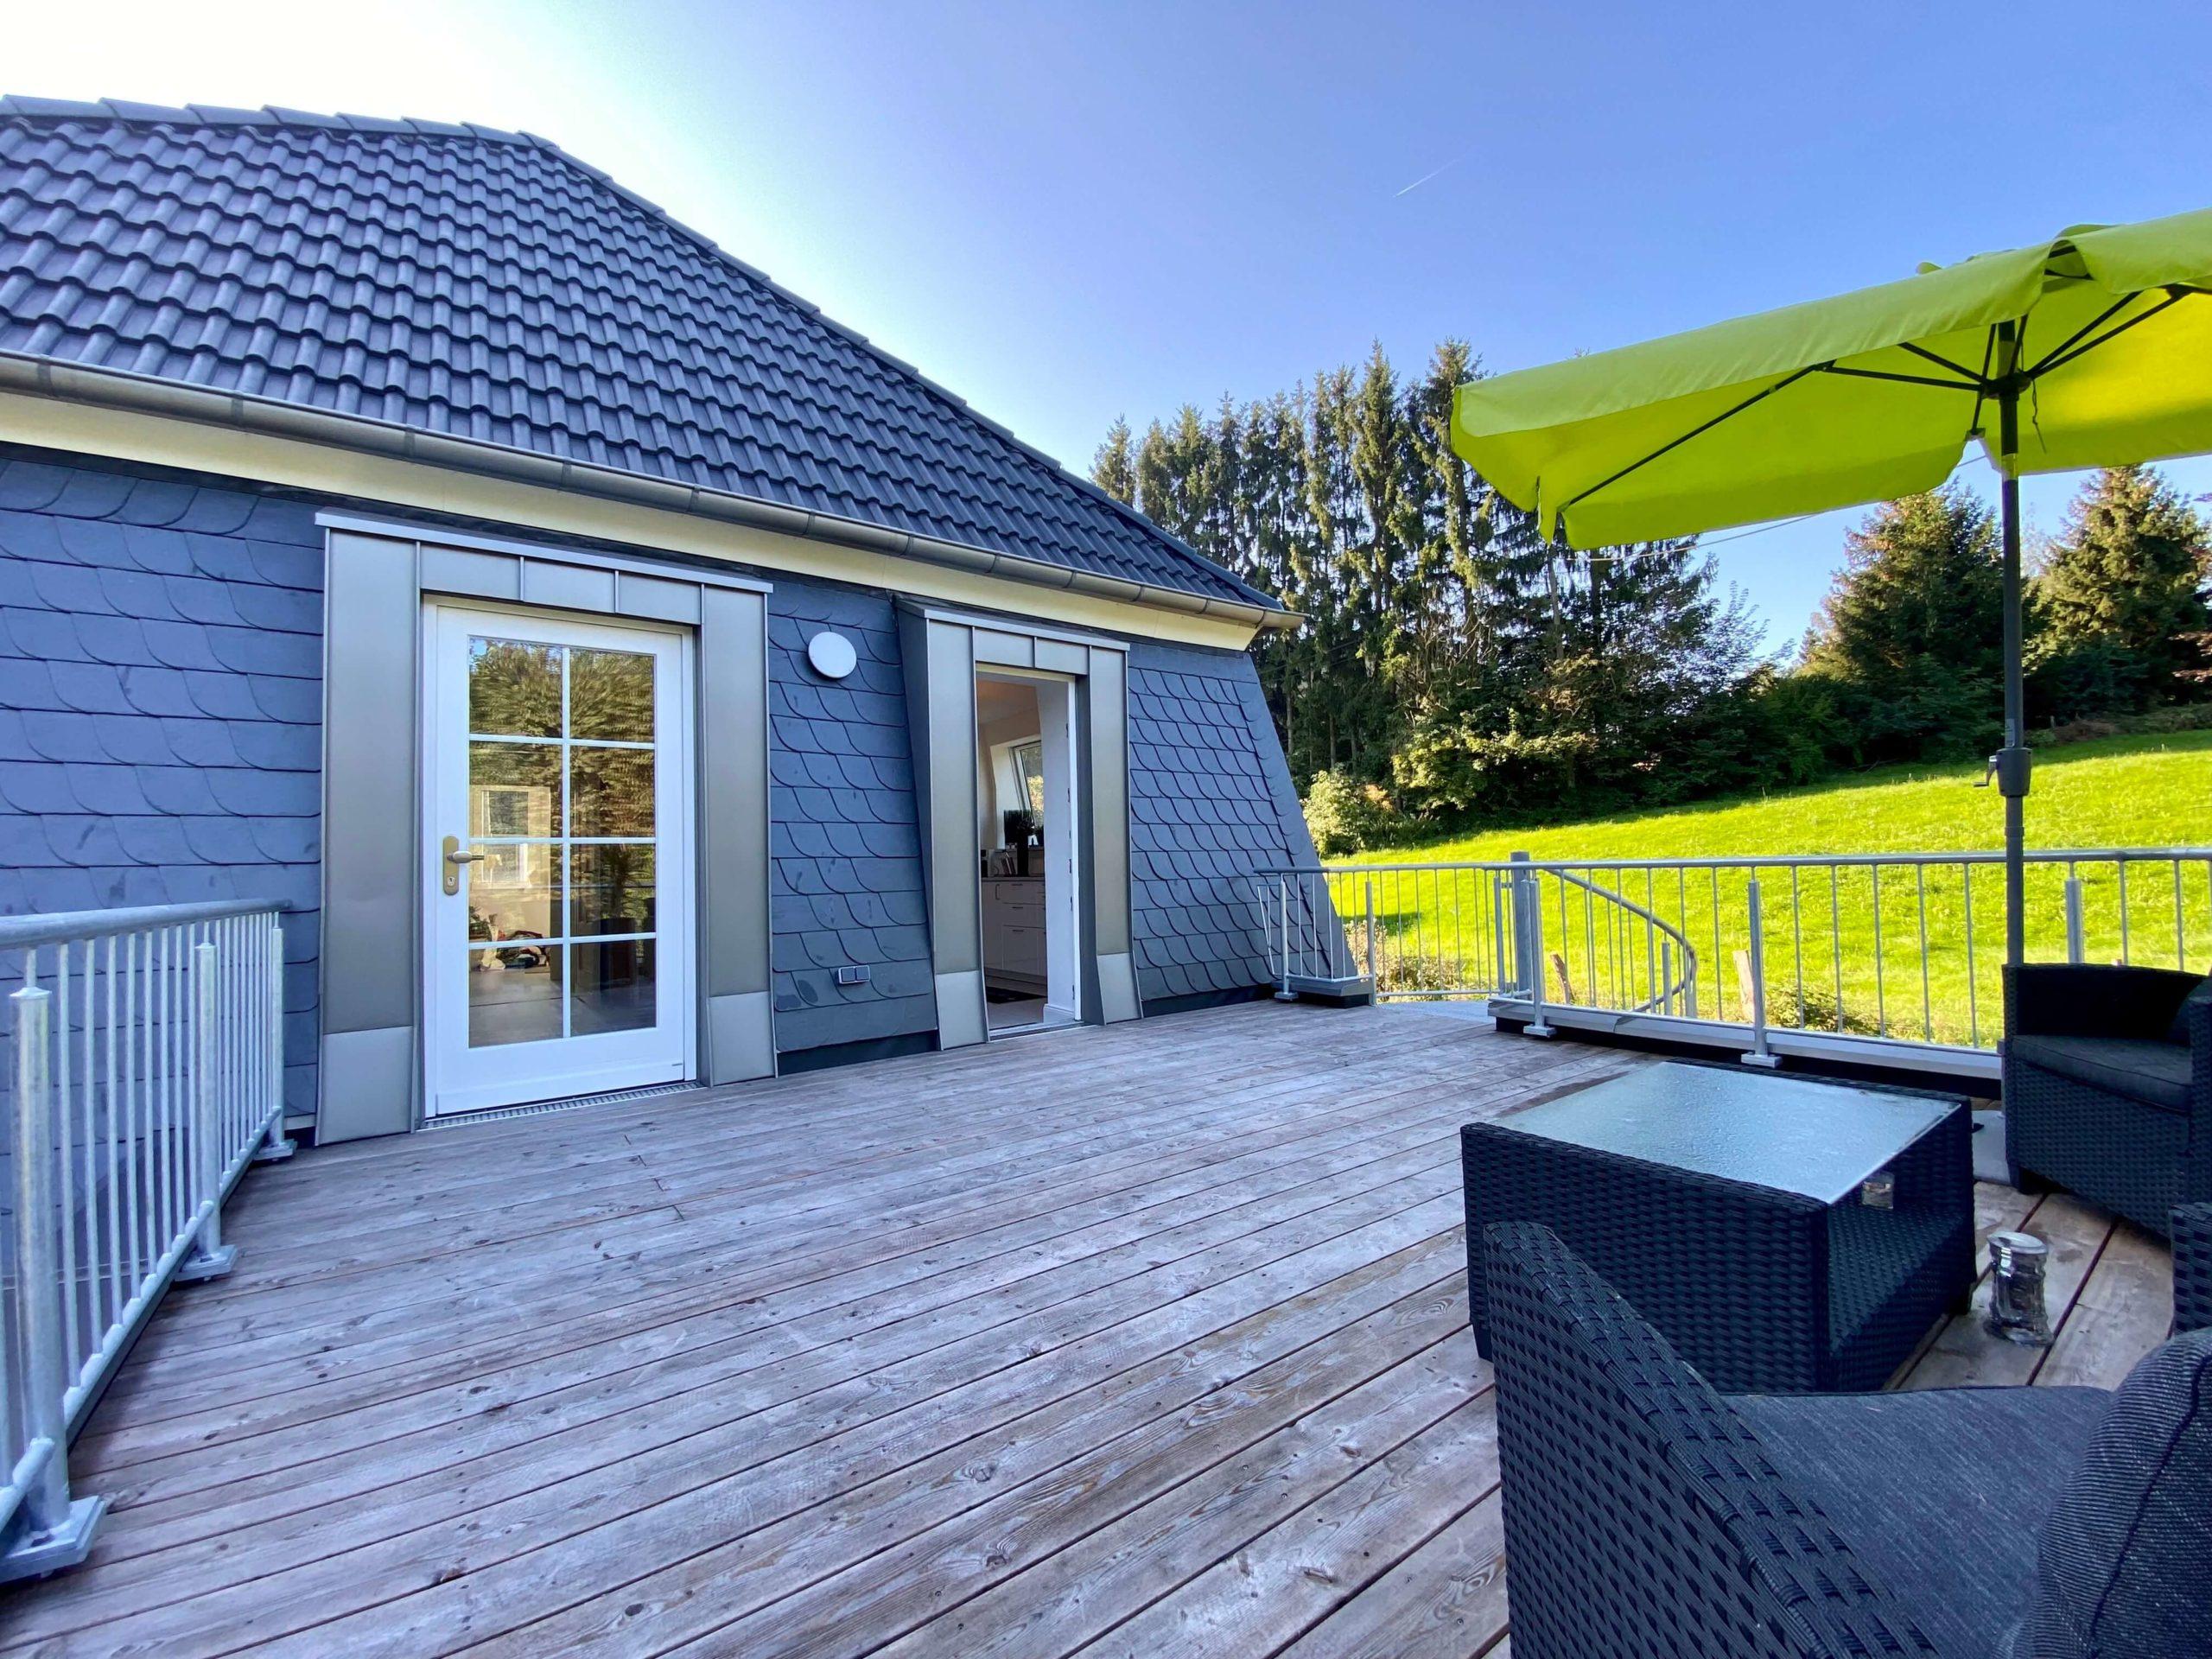 Anbau mit Dachterrasse und Aufstockung